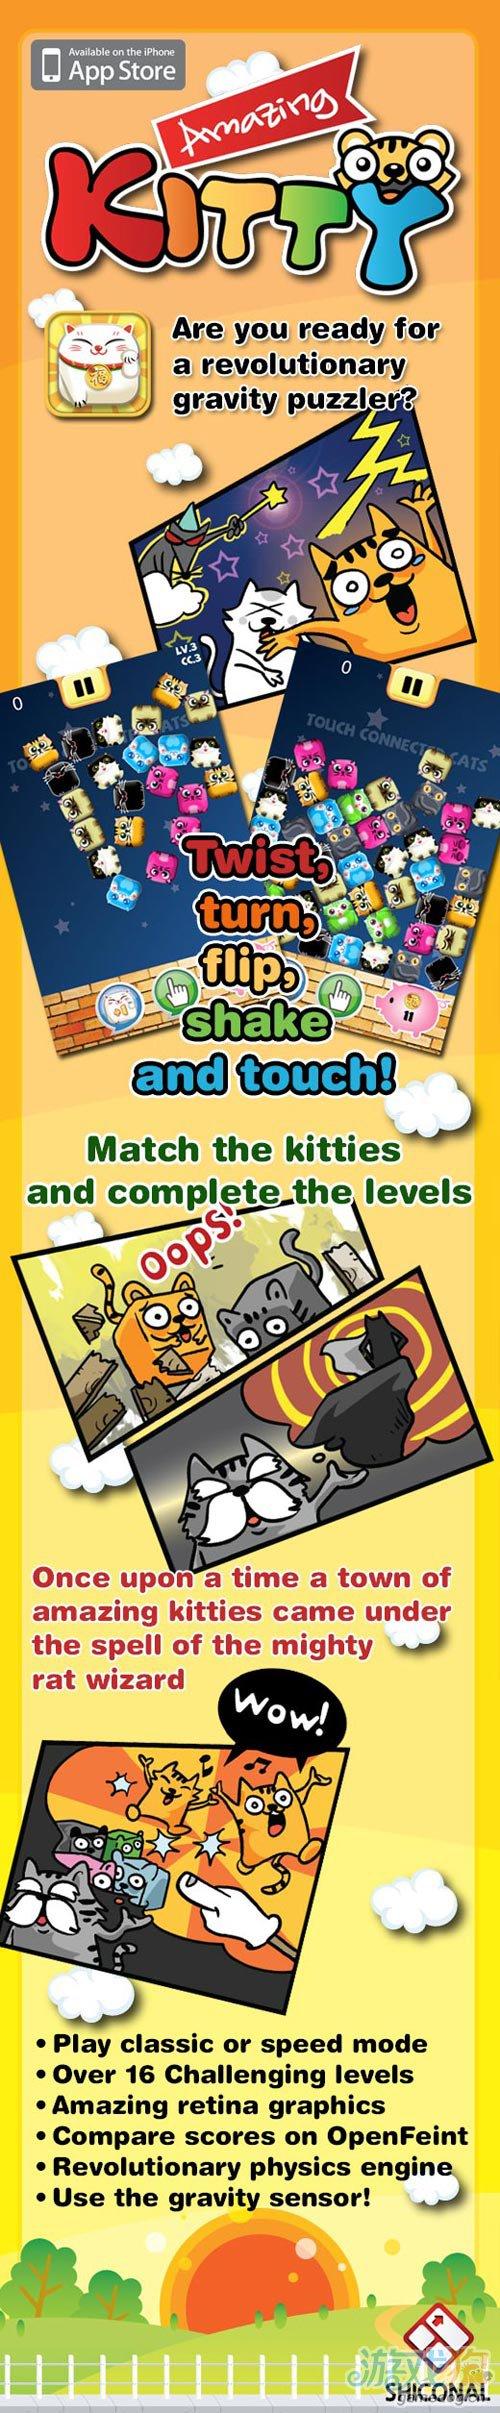 轻松逗趣的消除类游戏Amazing Kitty将发布